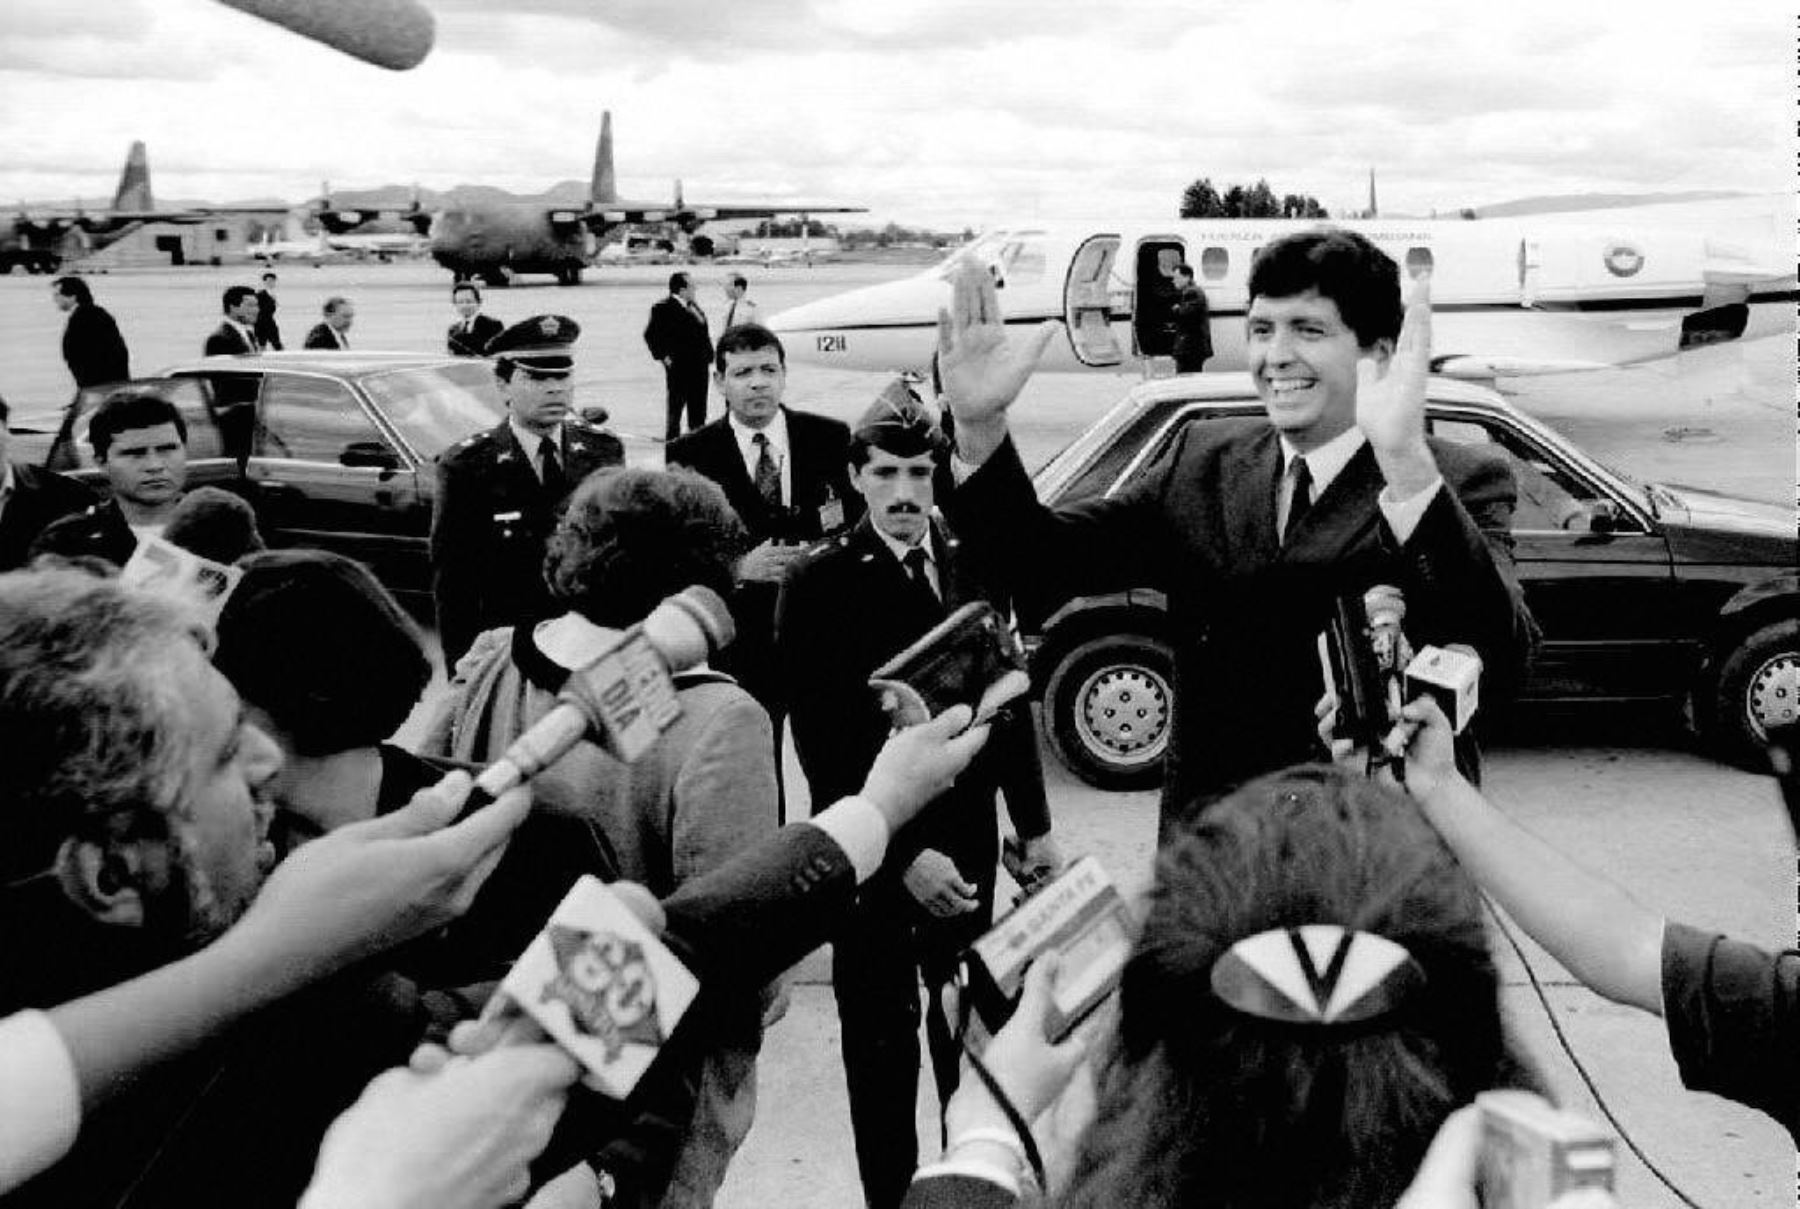 El ex presidente peruano Alan García saluda a la prensa en un aeropuerto militar minutos después de su llegada el 2 de junio de 1992 a Bogotá, Colombia. García, que es el secretario general del principal partido de la oposición en Perú, recibió asilo el 6 de agosto de 1999 por parte del gobierno colombiano. Foto: AFP